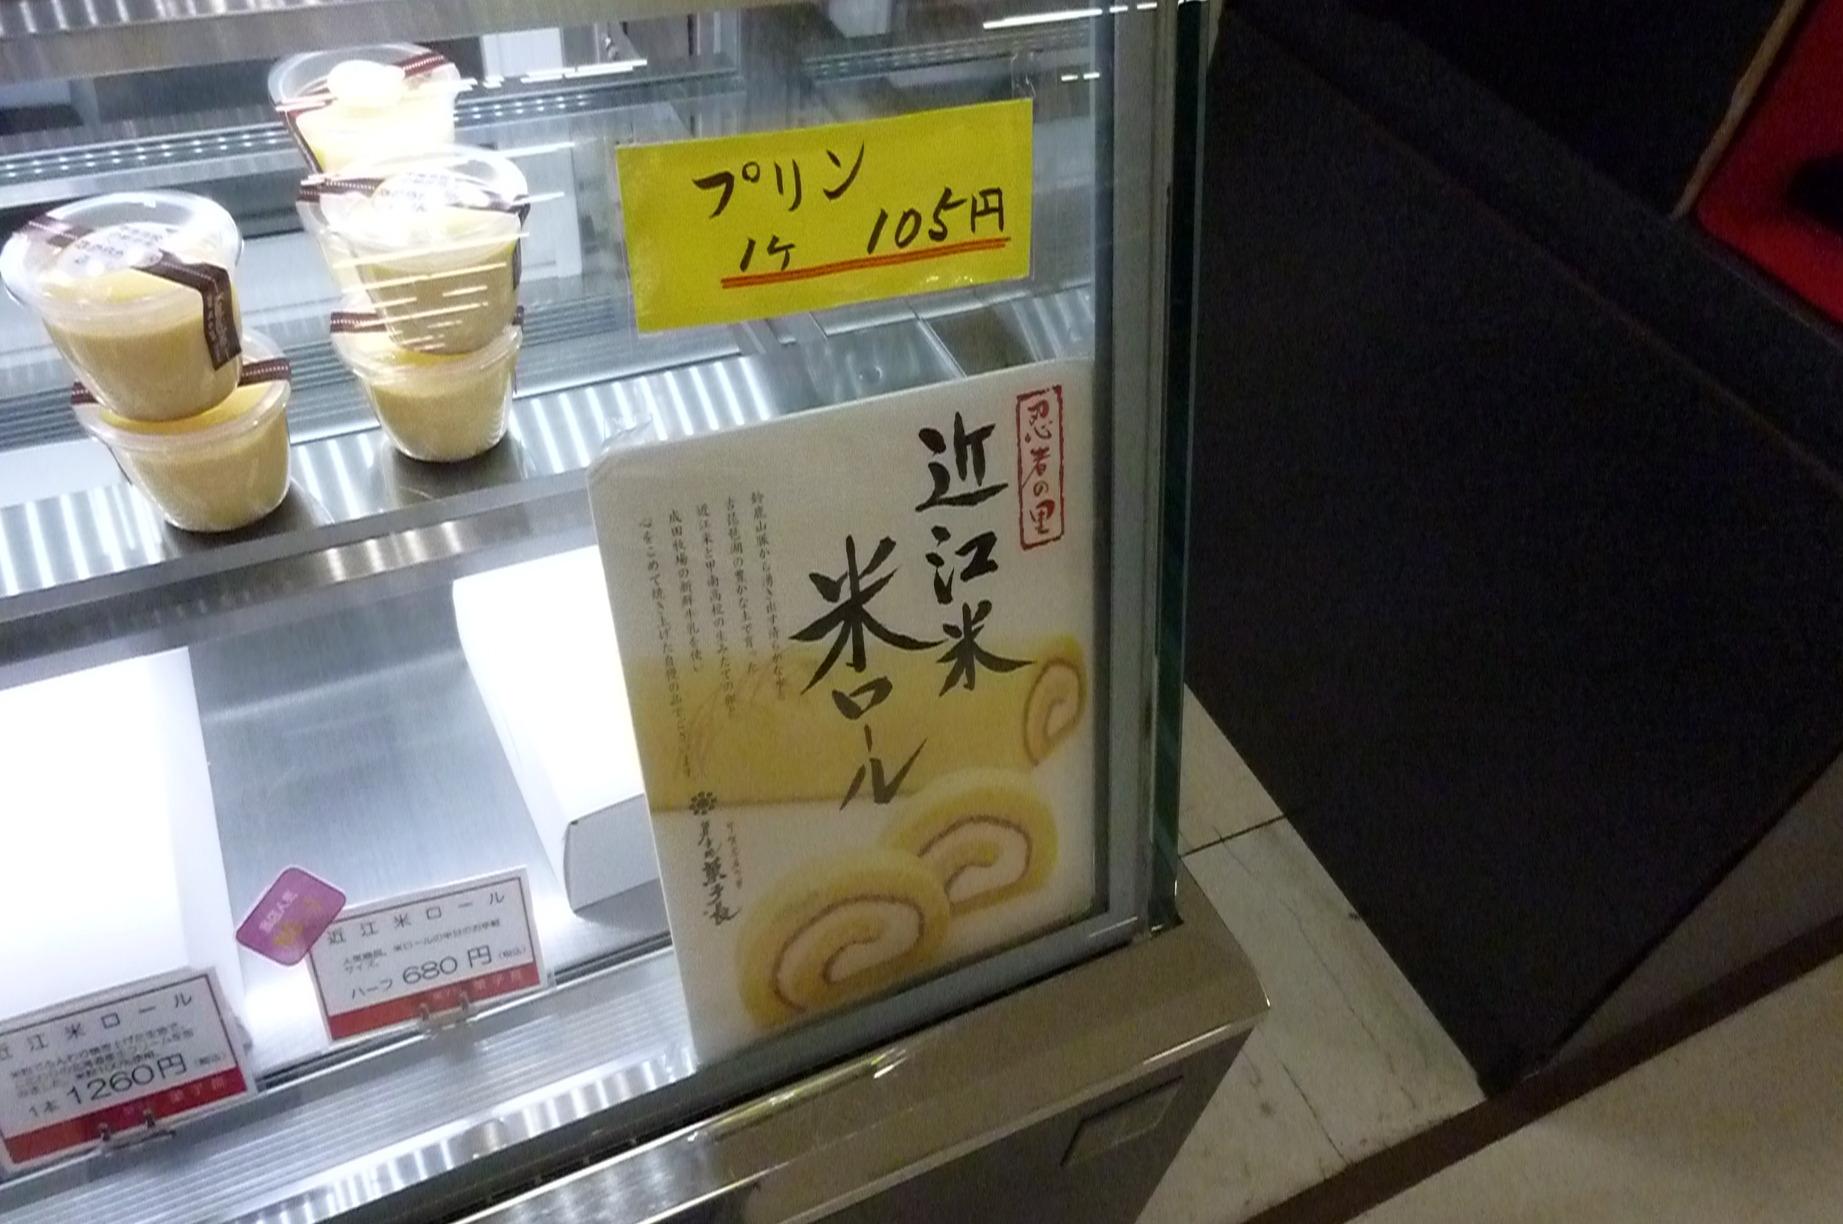 菓子長 西友店